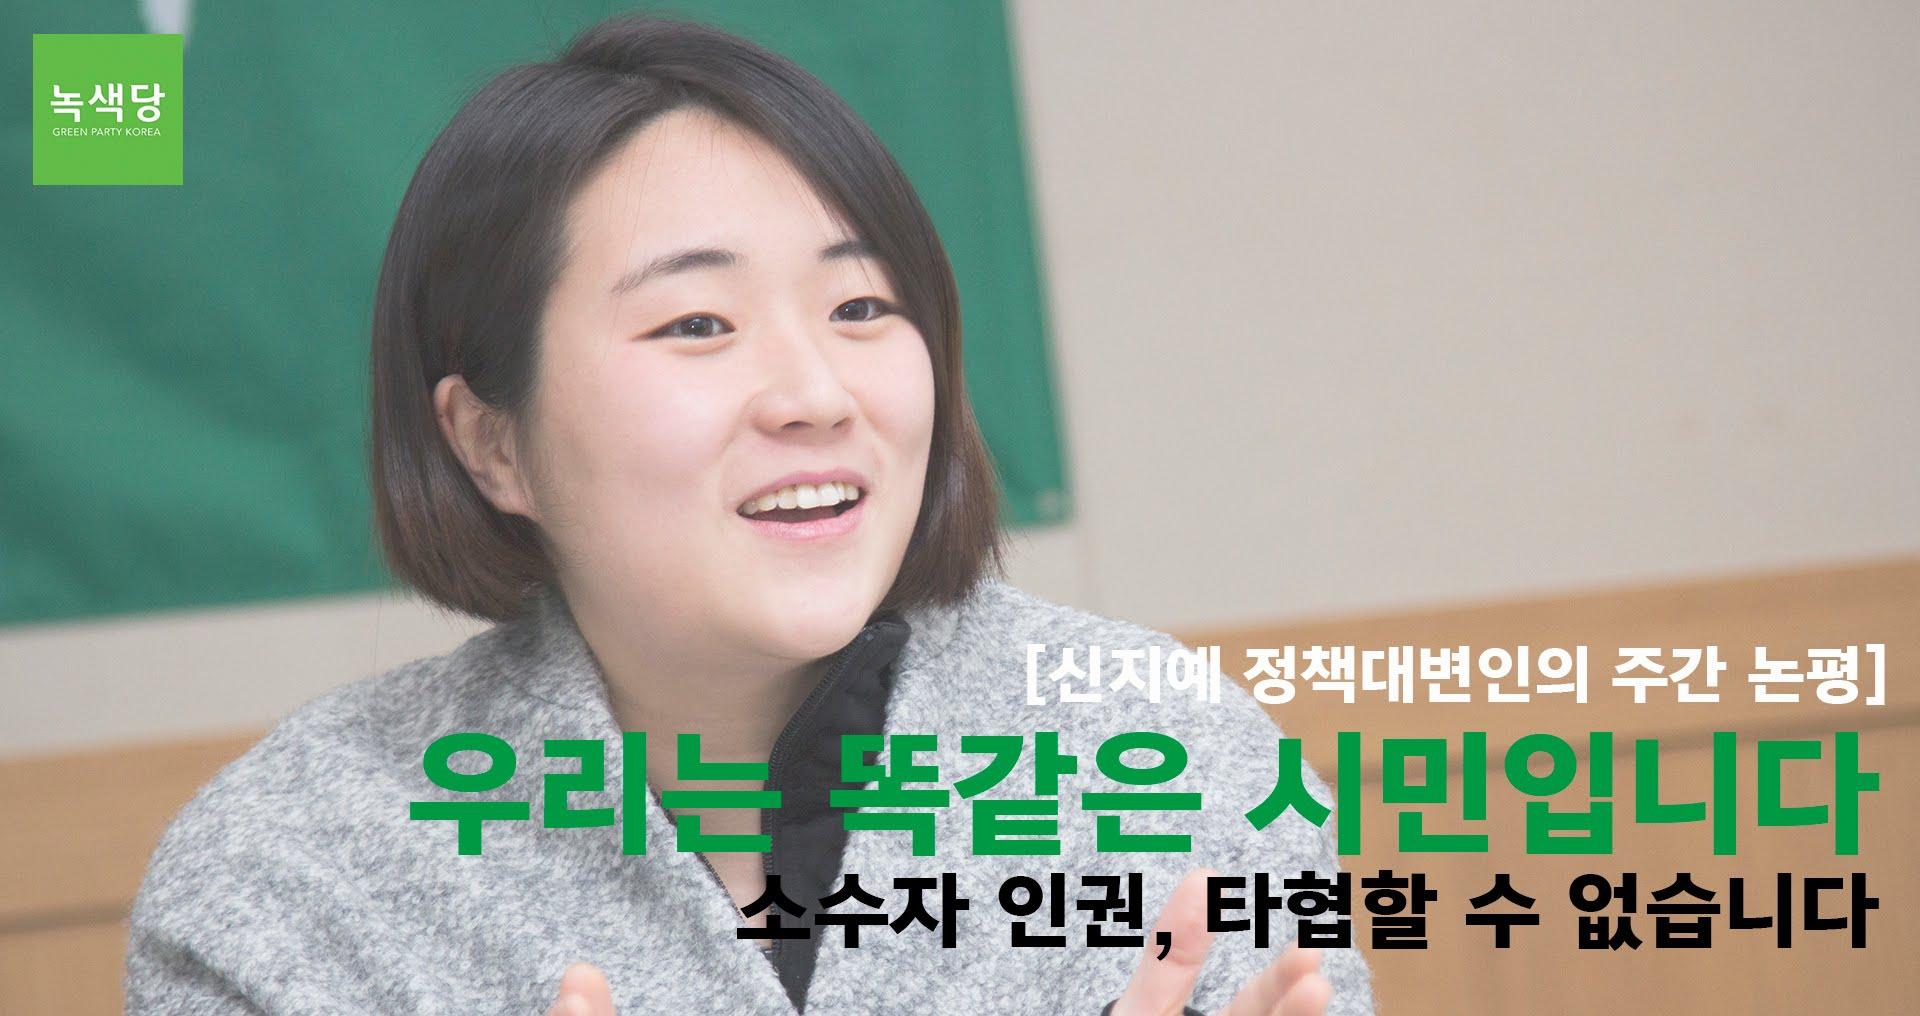 신지예, 진정한 승자 - '페미니스트 서울시장'의 ...